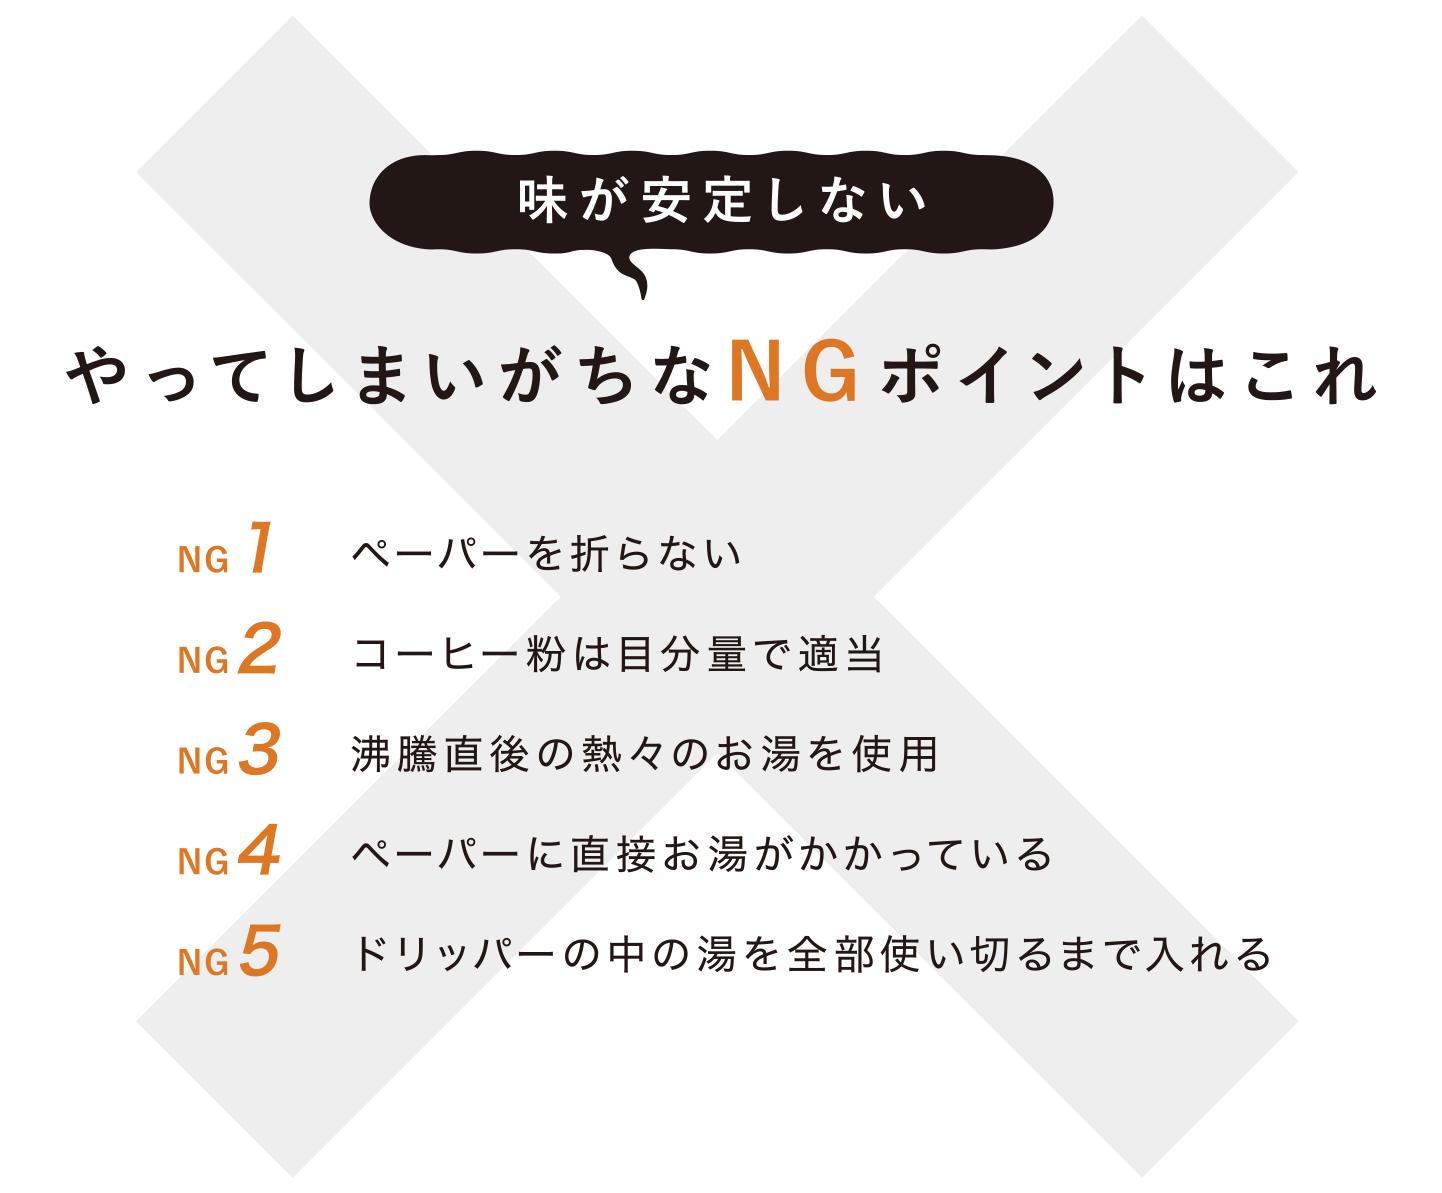 味が安定しない やってしまいがちなNGポイント NG1.ペーパーを折らない NG2.コーヒー粉は目分量で適当 NG3.沸騰直後の熱々のお湯を使用 NG4.ペーパーに直接お湯がかかっている NG5.ドリッパーの中の湯を全部使い切るまで入れる